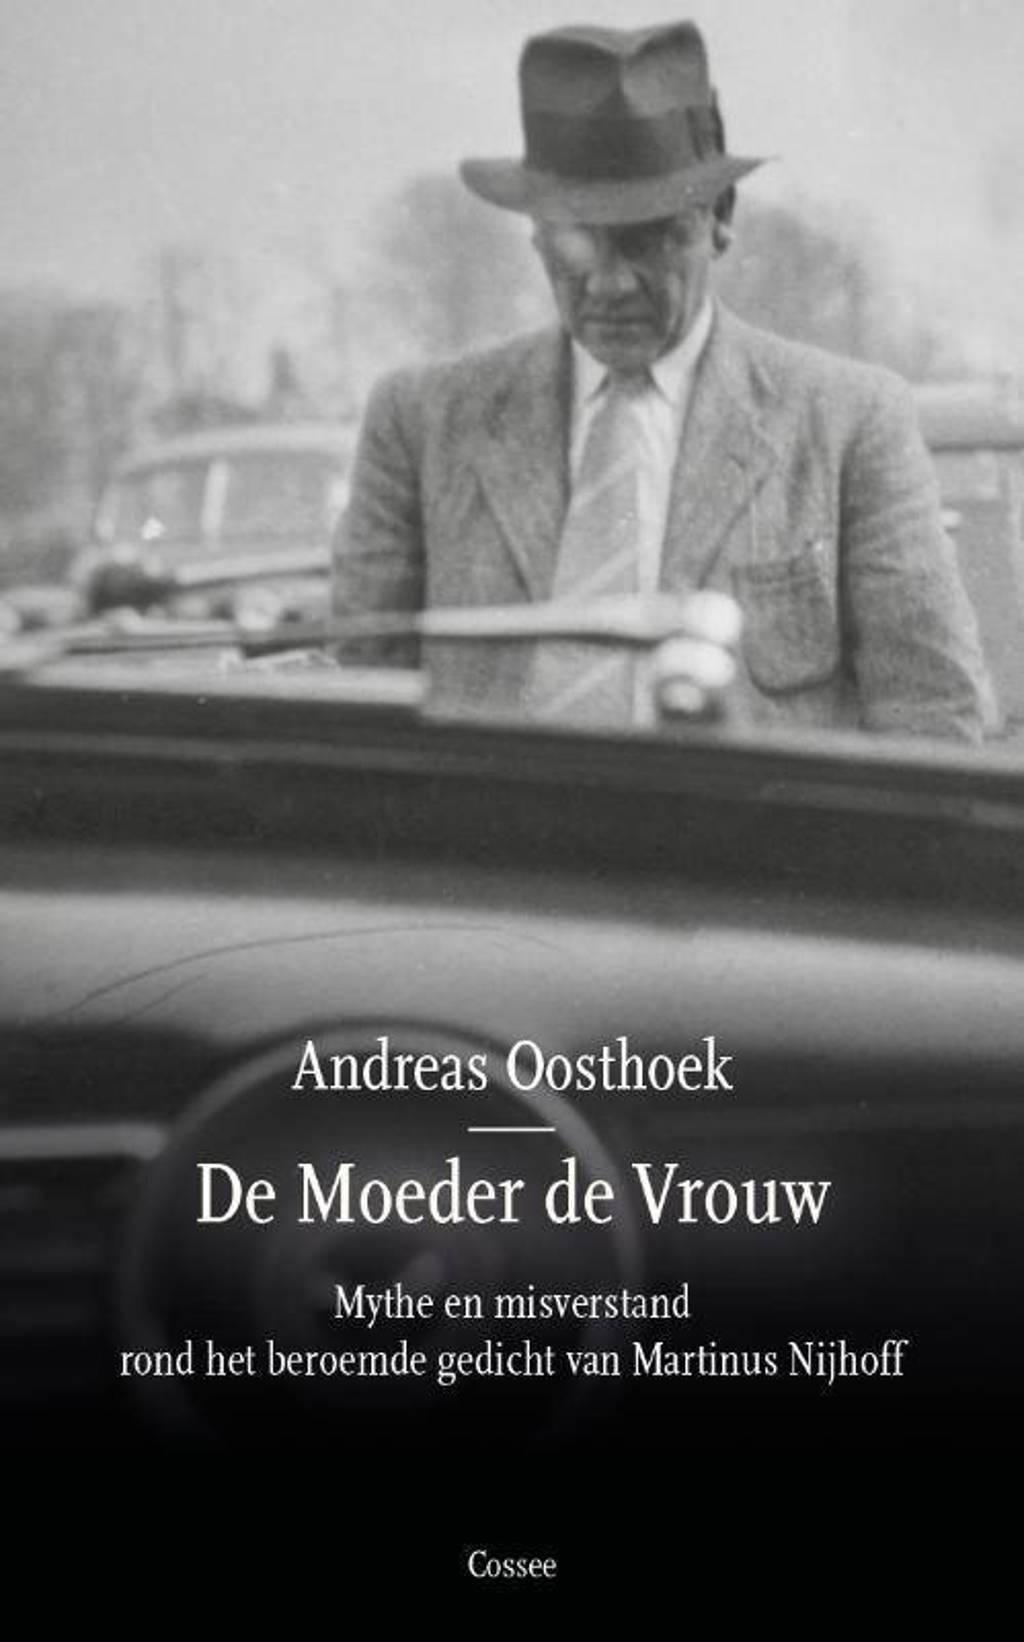 De moeder de vrouw - Andreas Oosthoek